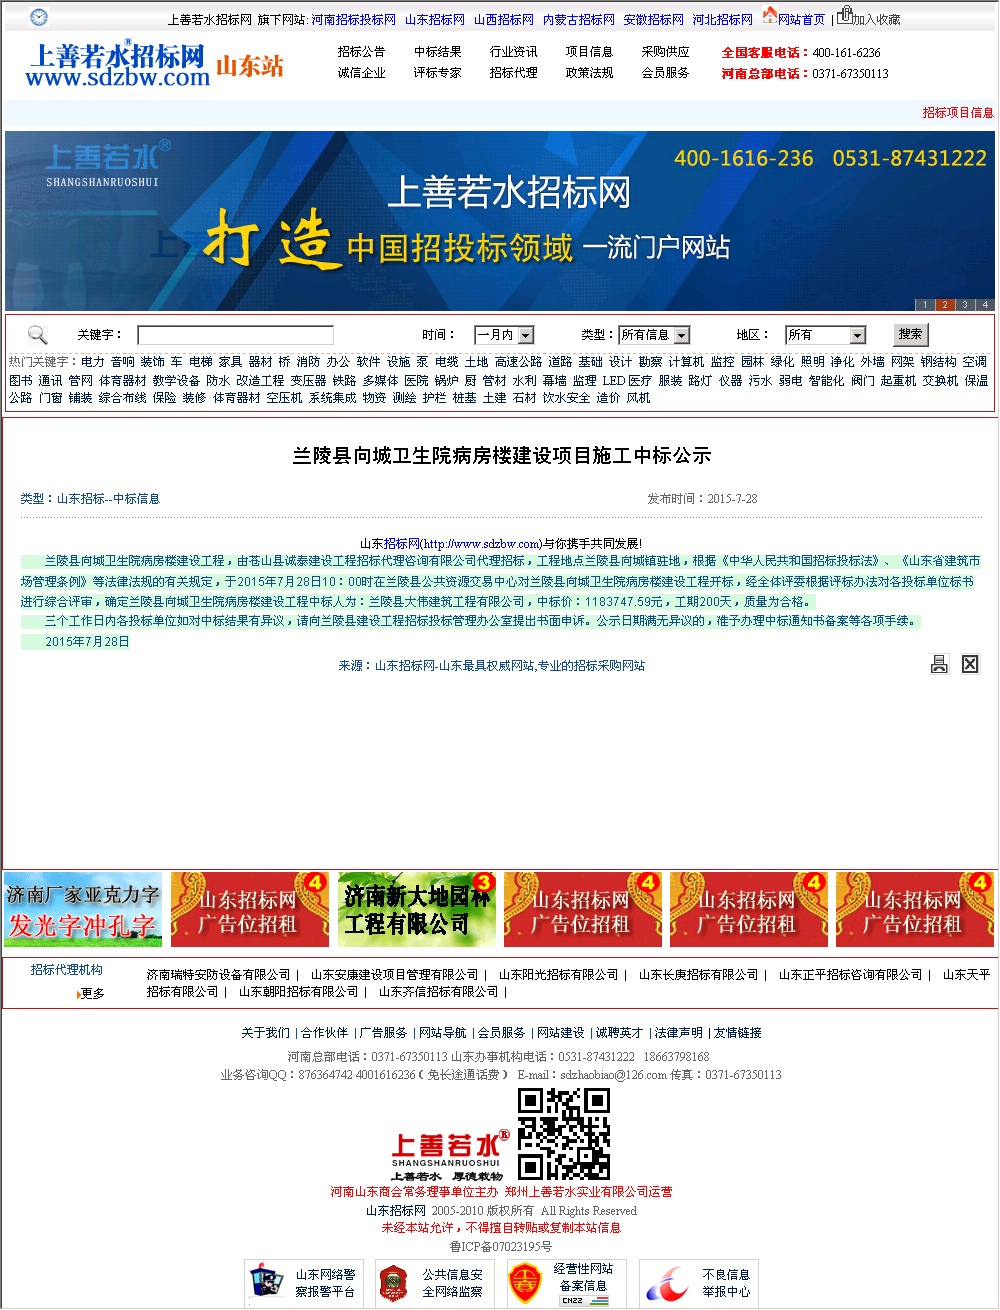 兰陵县大伟绘制工程用python关系网络建筑图图片